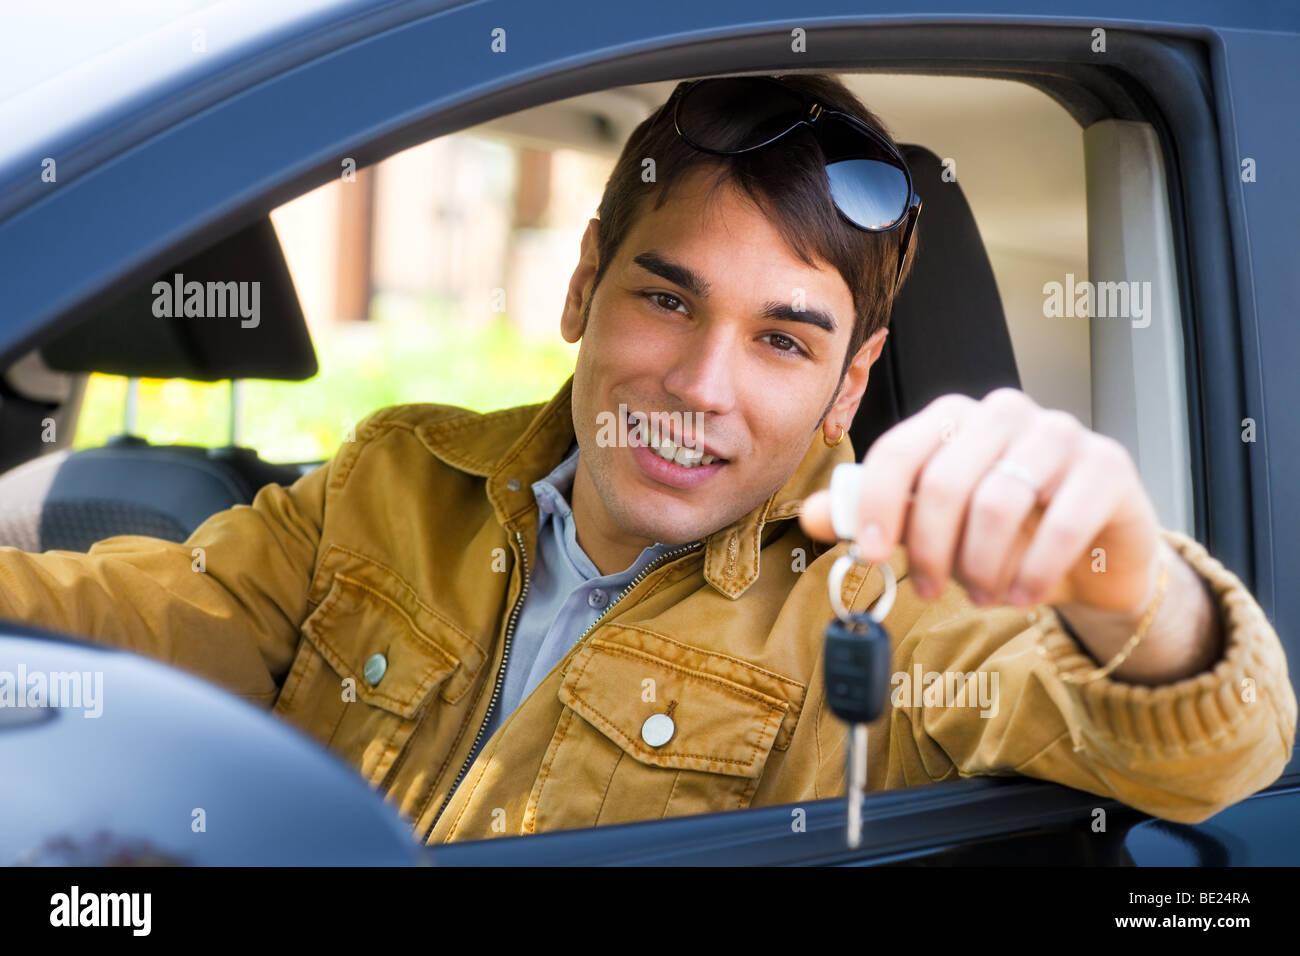 Hombre joven sentado dentro del vehículo mostrando claves para coche Nuevo Imagen De Stock